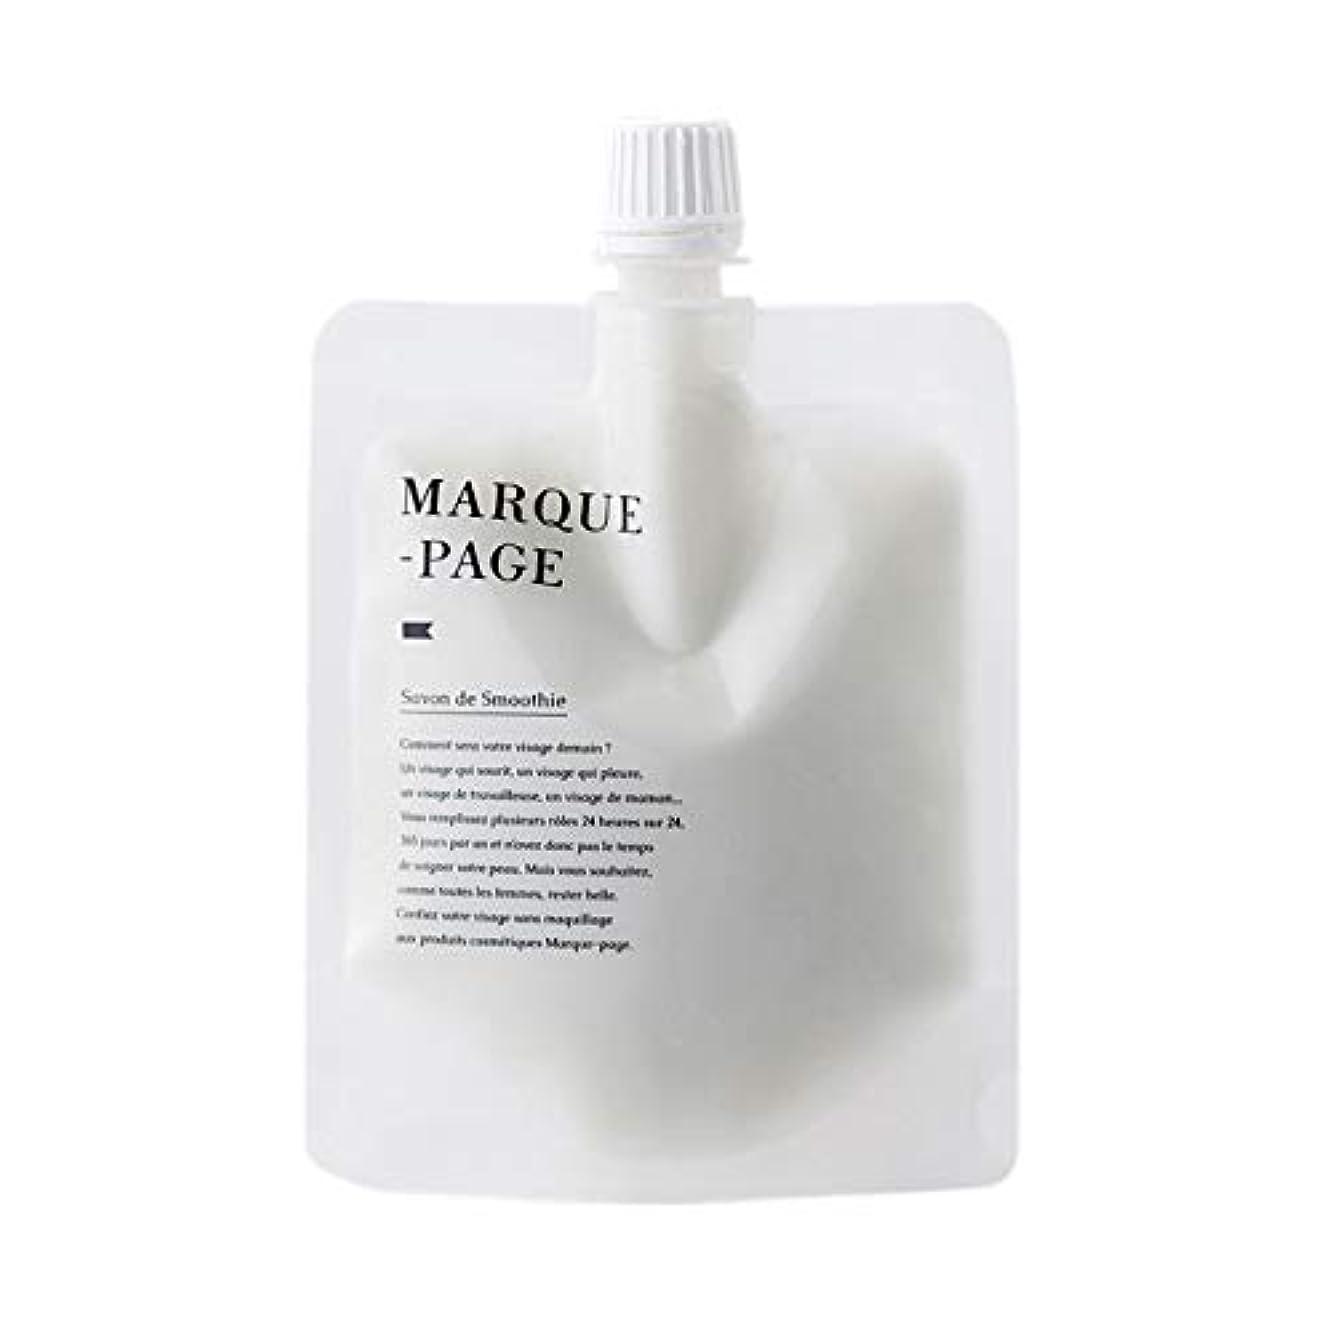 ここにボリューム名門MARQUE-PAGE マルクパージュ サボン ド スムージー <洗顔料> 100g